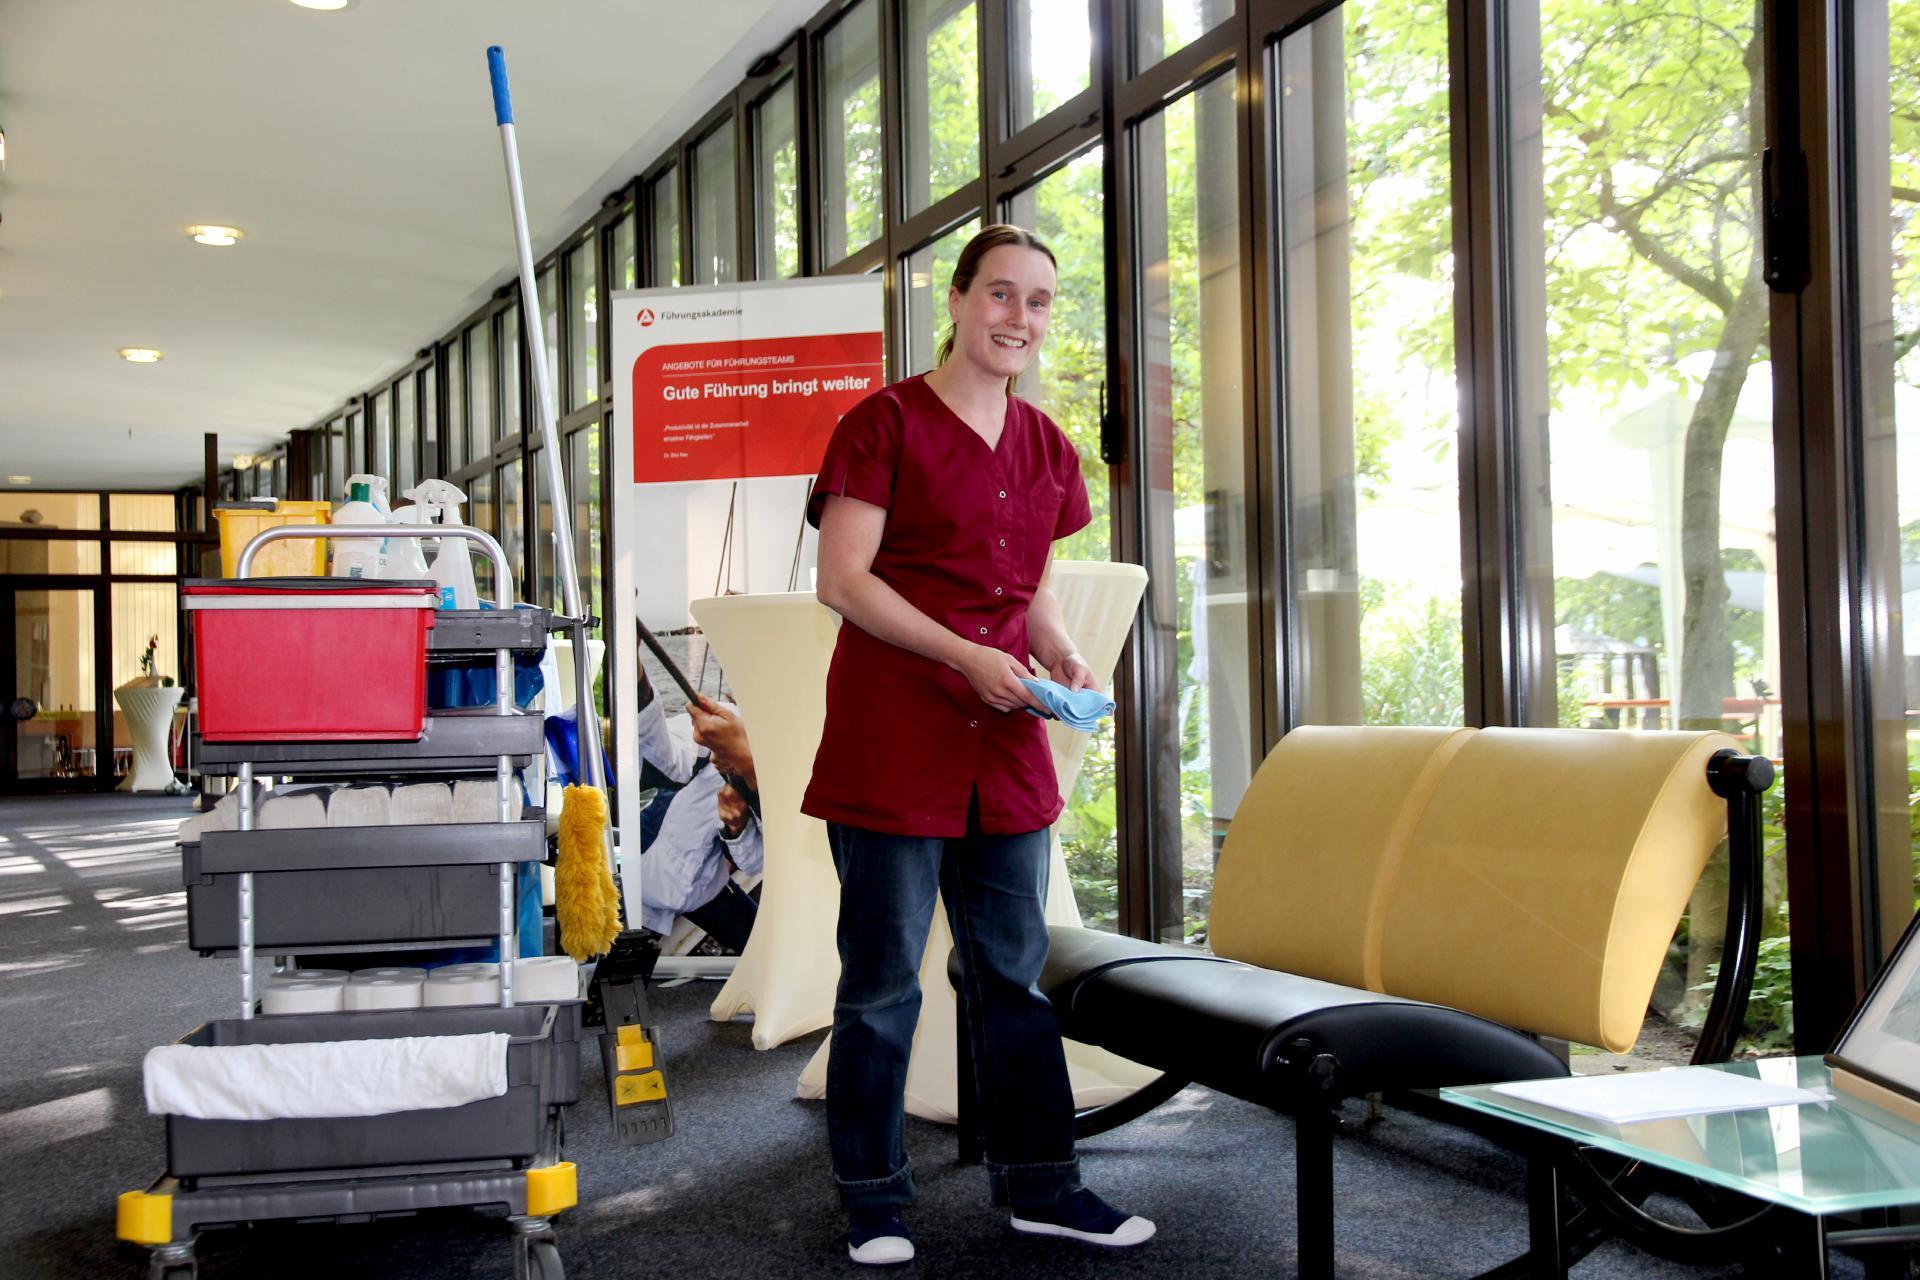 Erst wenn alles picobello ist, dann ist Michaela Dressel zufrieden. Beim Housekeeping in der Führungsakademie der Bundesagentur für Arbeit in Lauf hat die junge Frau mit Handicap ihre berufliche Erfüllung gefunden.